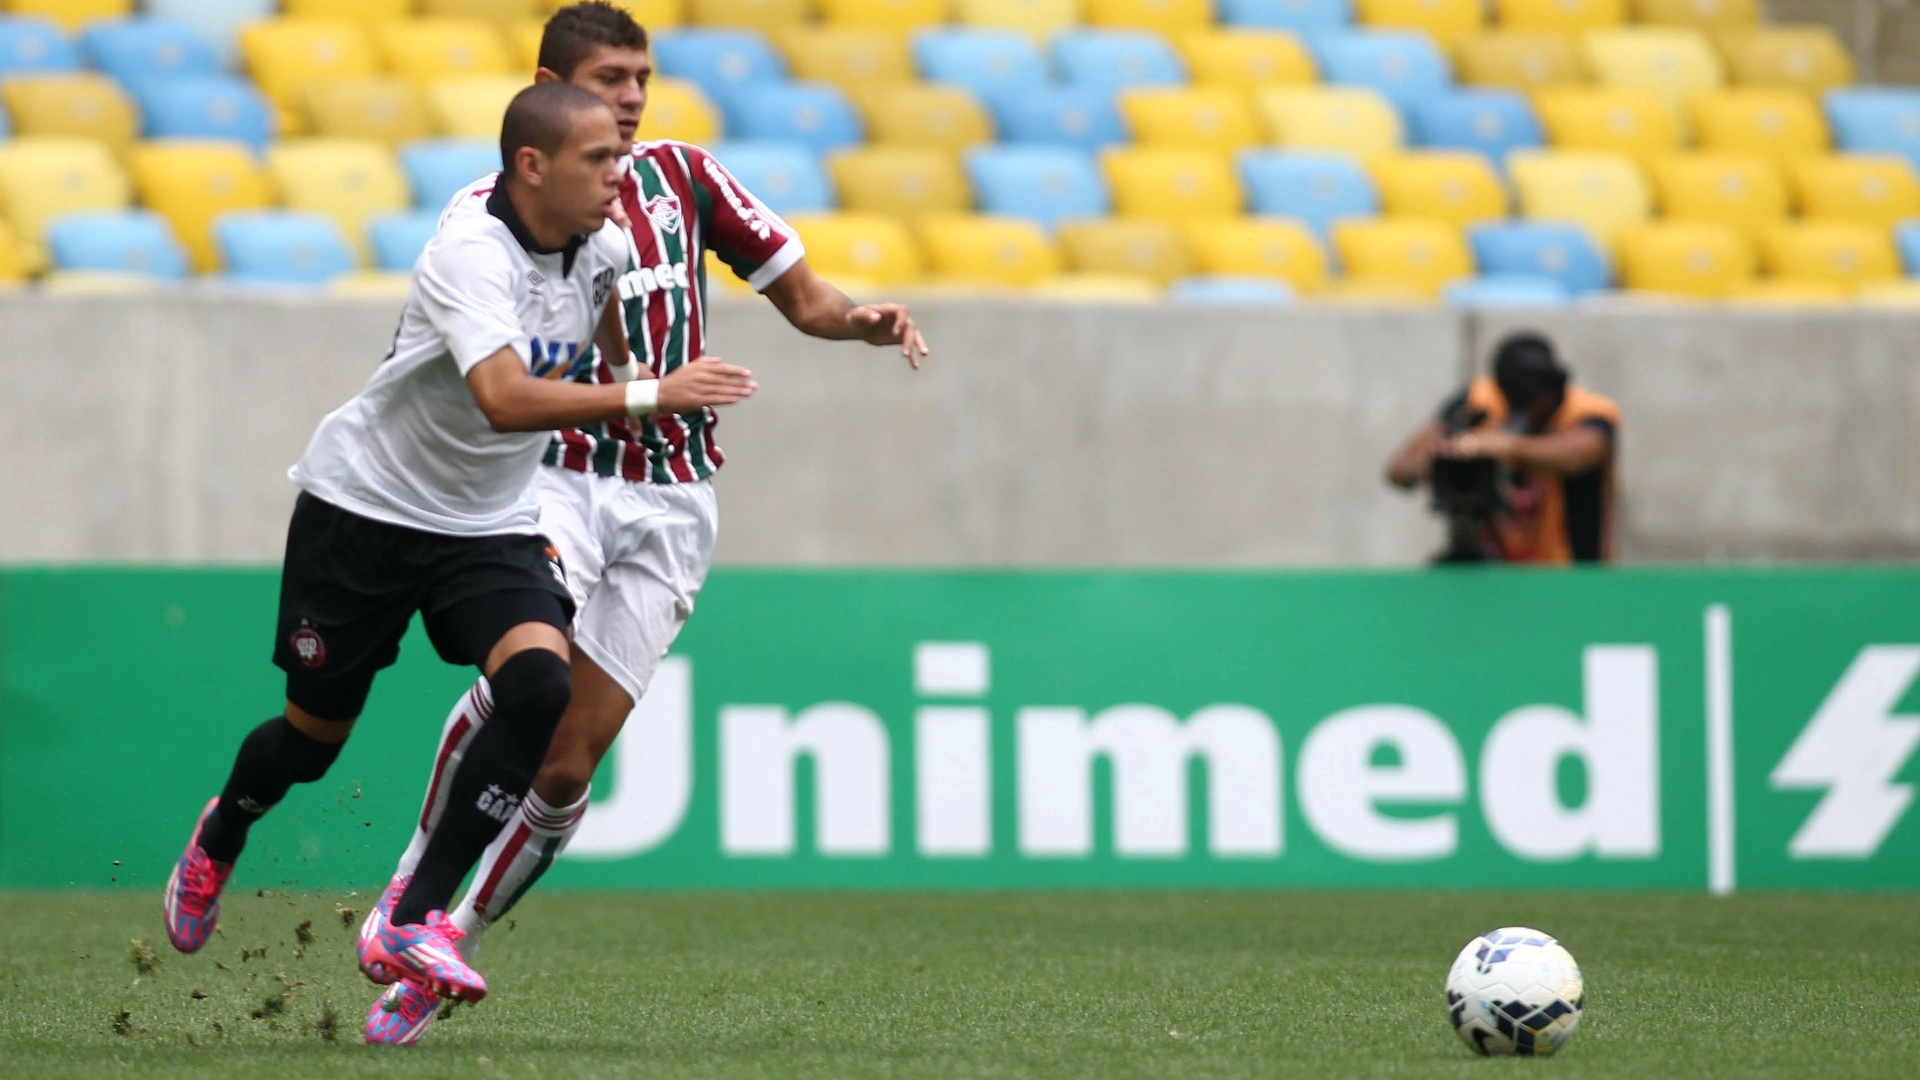 Marcos Guilherme, do Atlético-PR, tenta escapar da marcação de Edson, do Fluminense